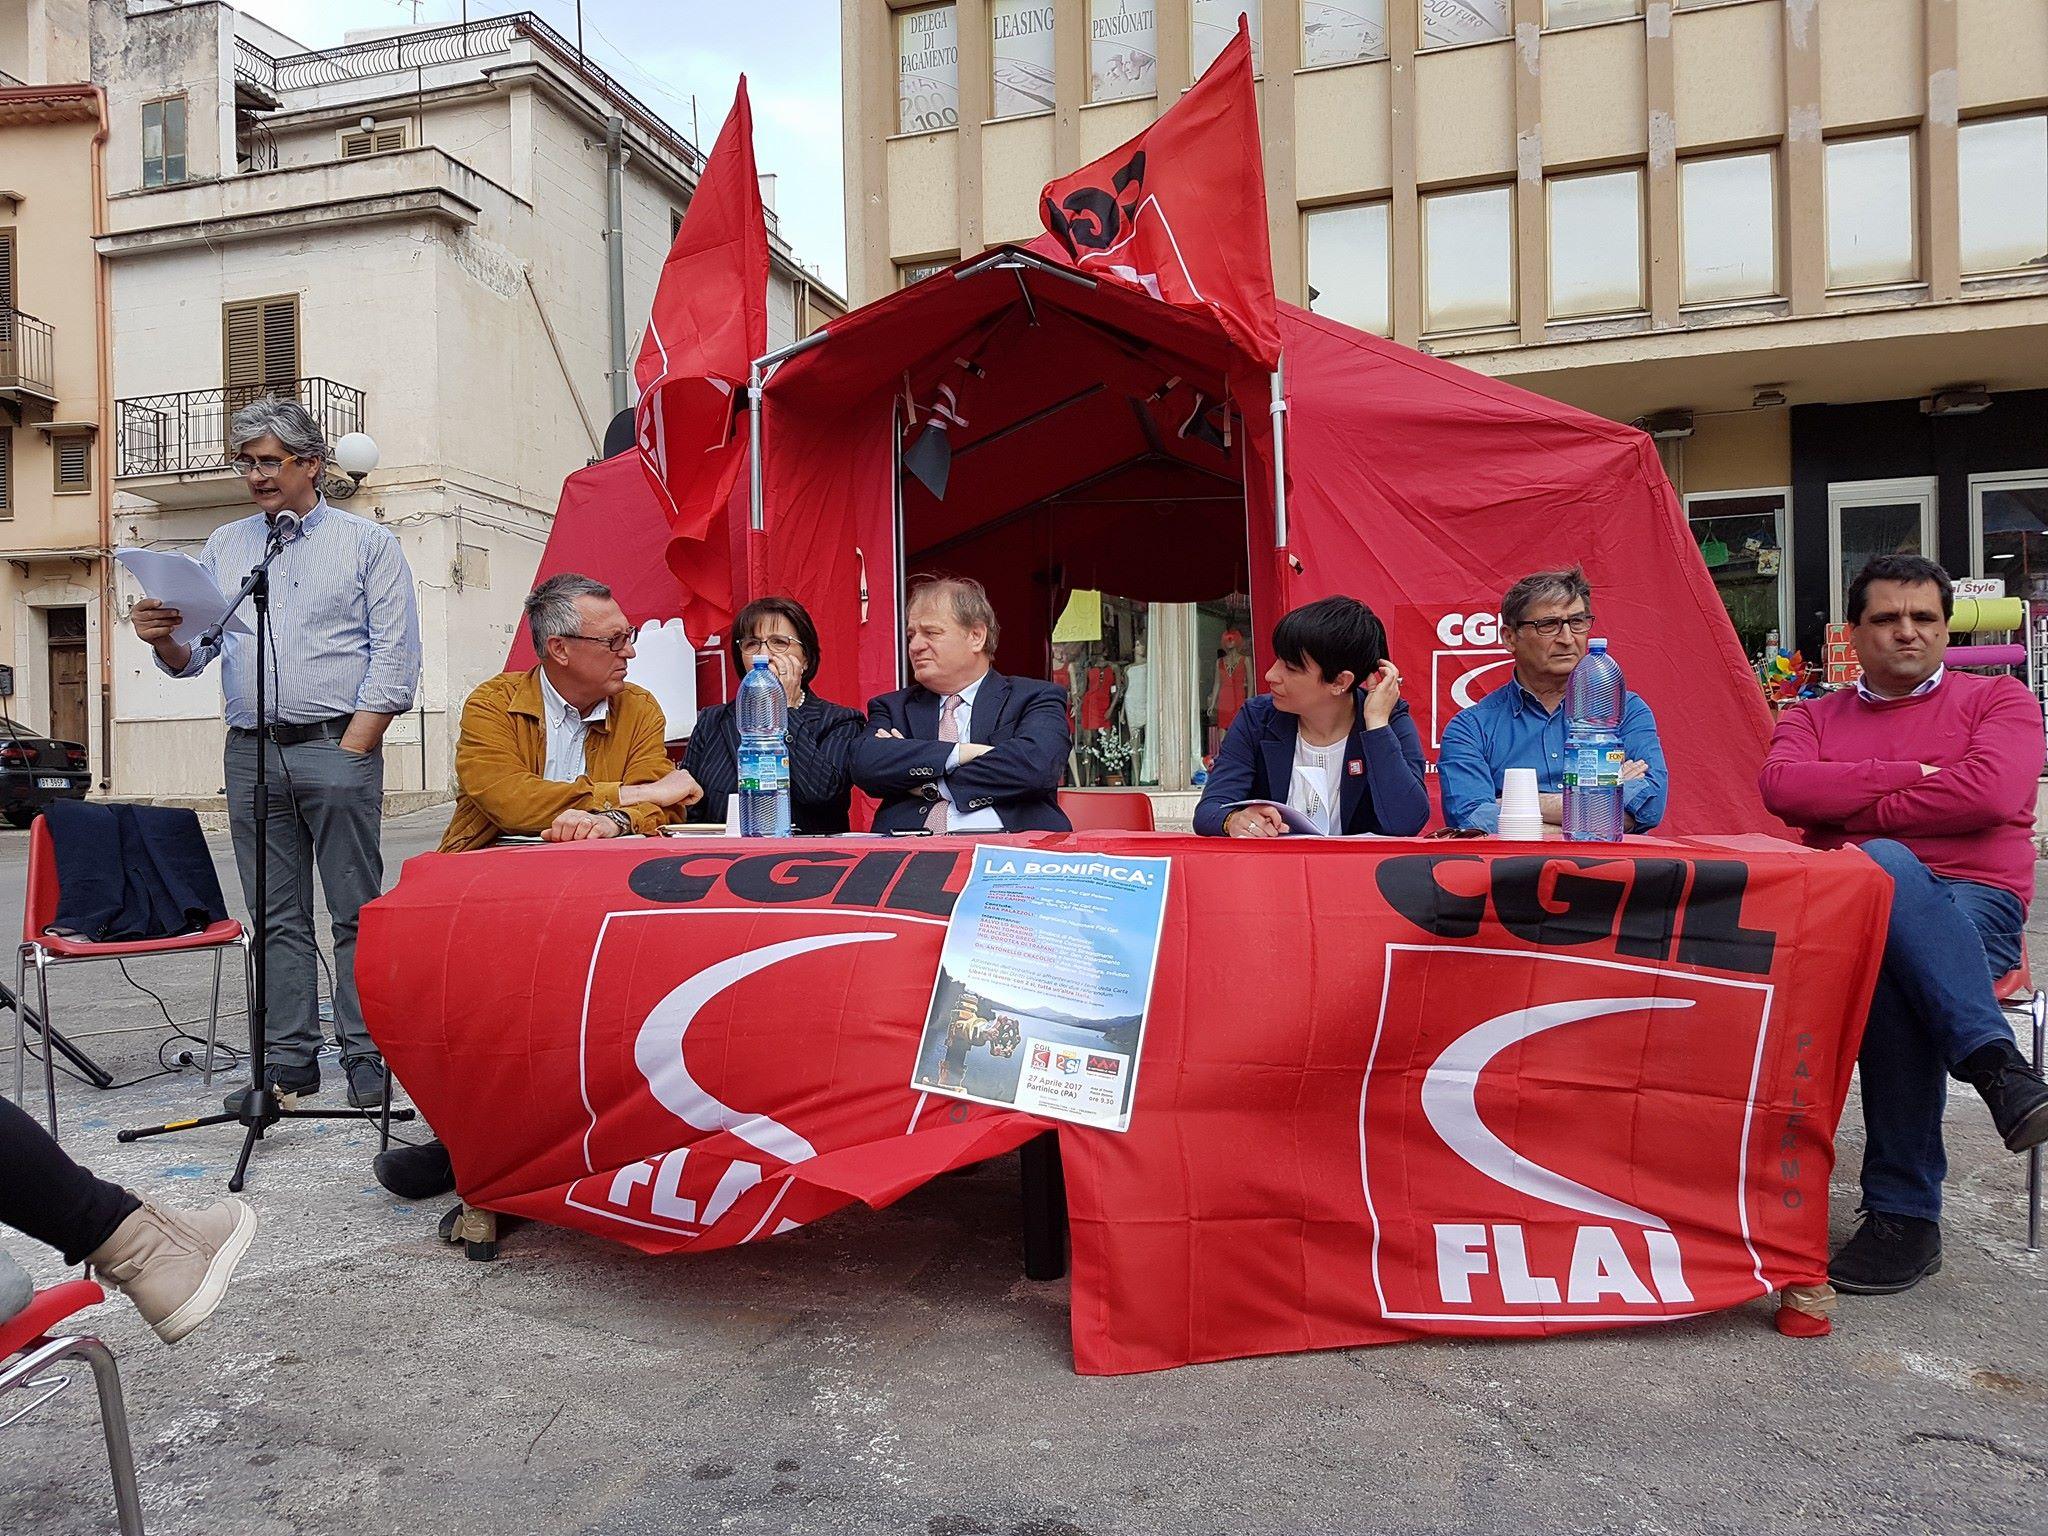 Tenda Rossa 2017, Interventi